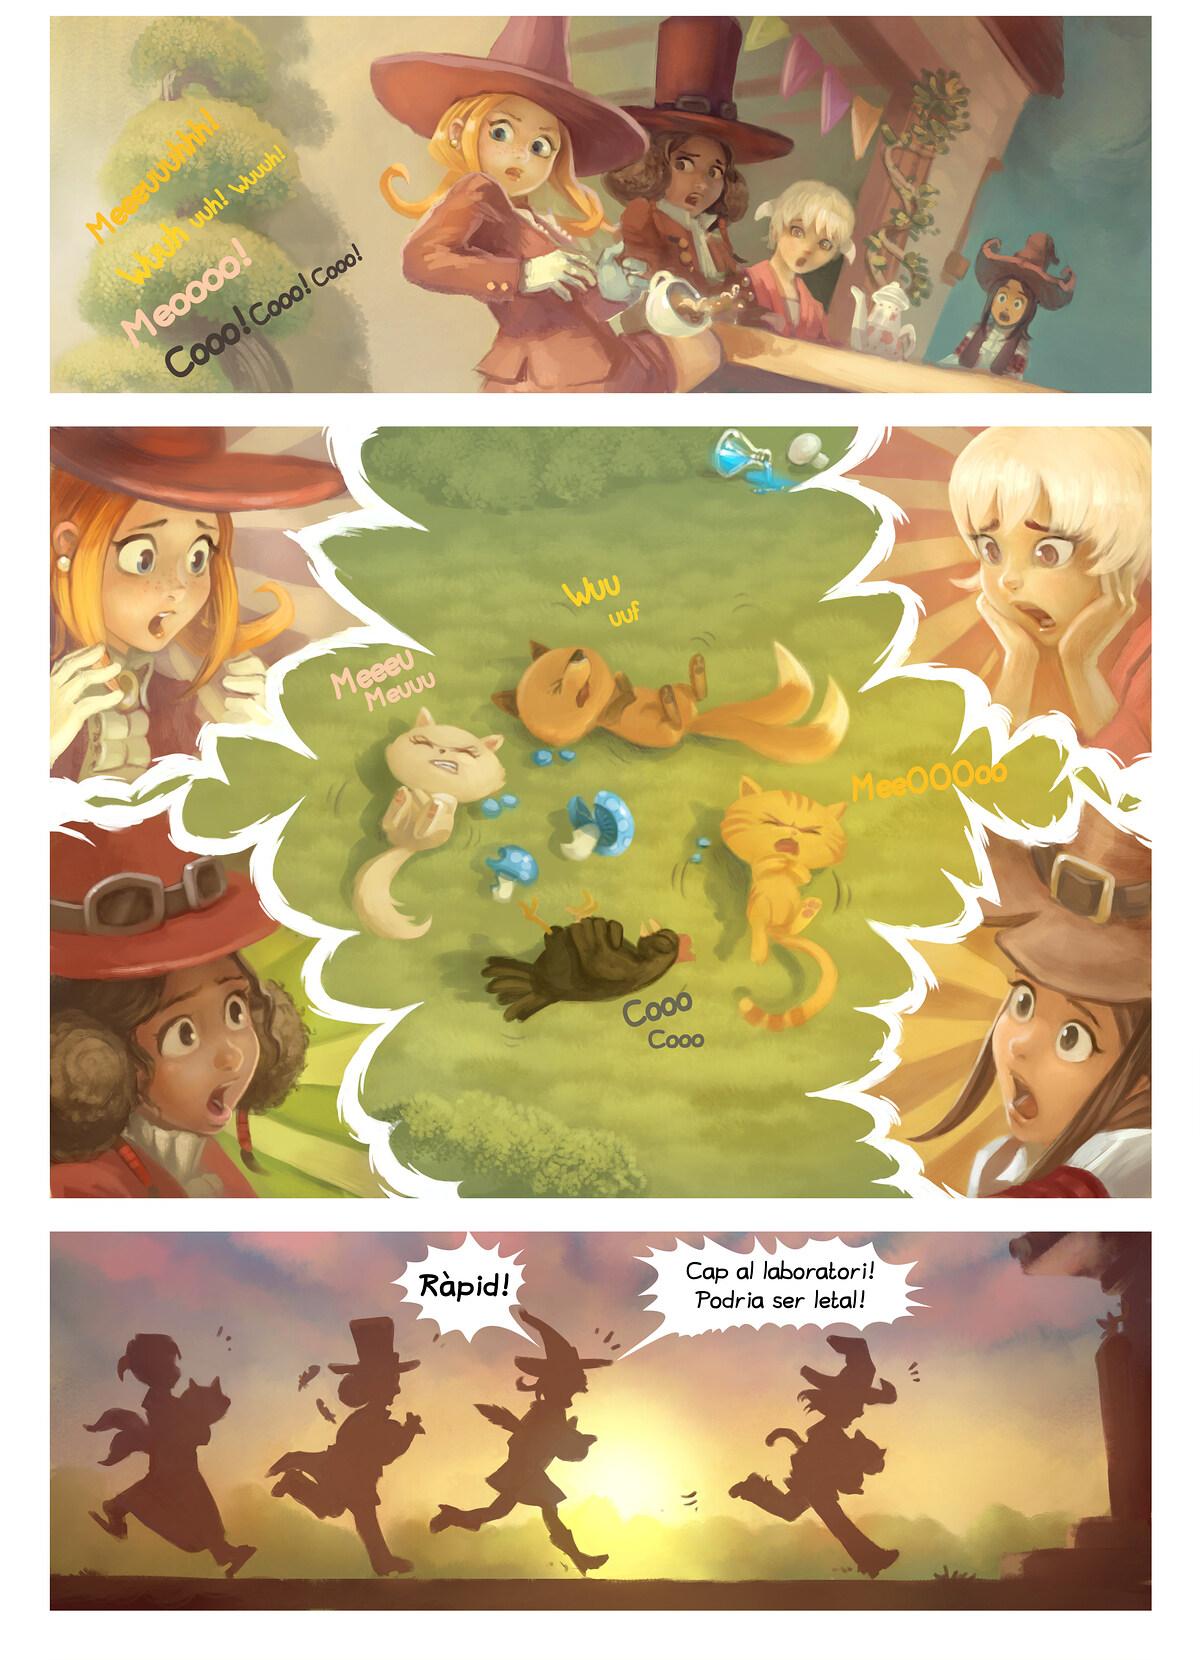 A webcomic page of Pepper&Carrot, episodi 9 [ca], pàgina 5